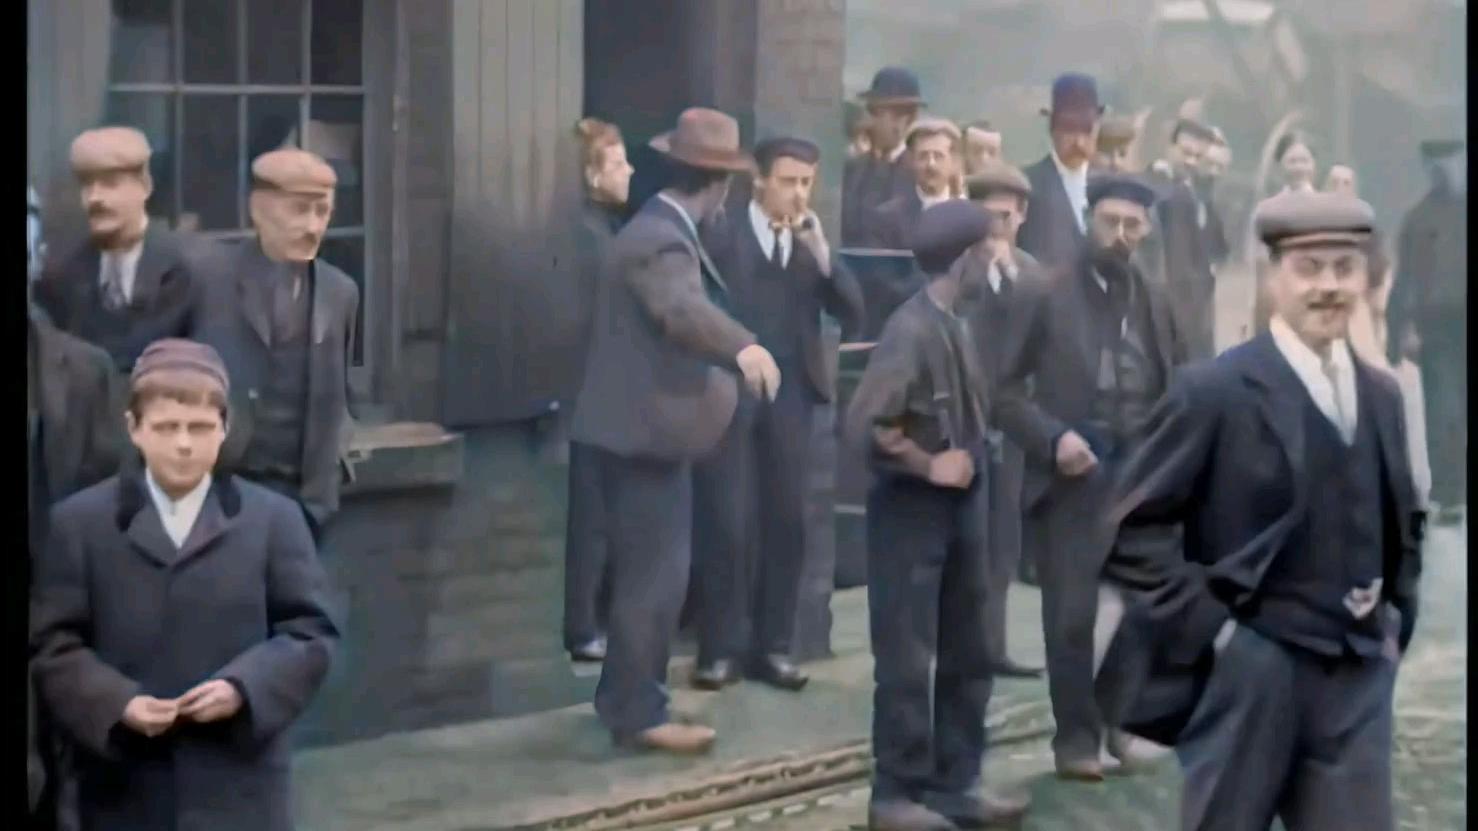 [60FPS]维多利亚时代的英国工人(1901)